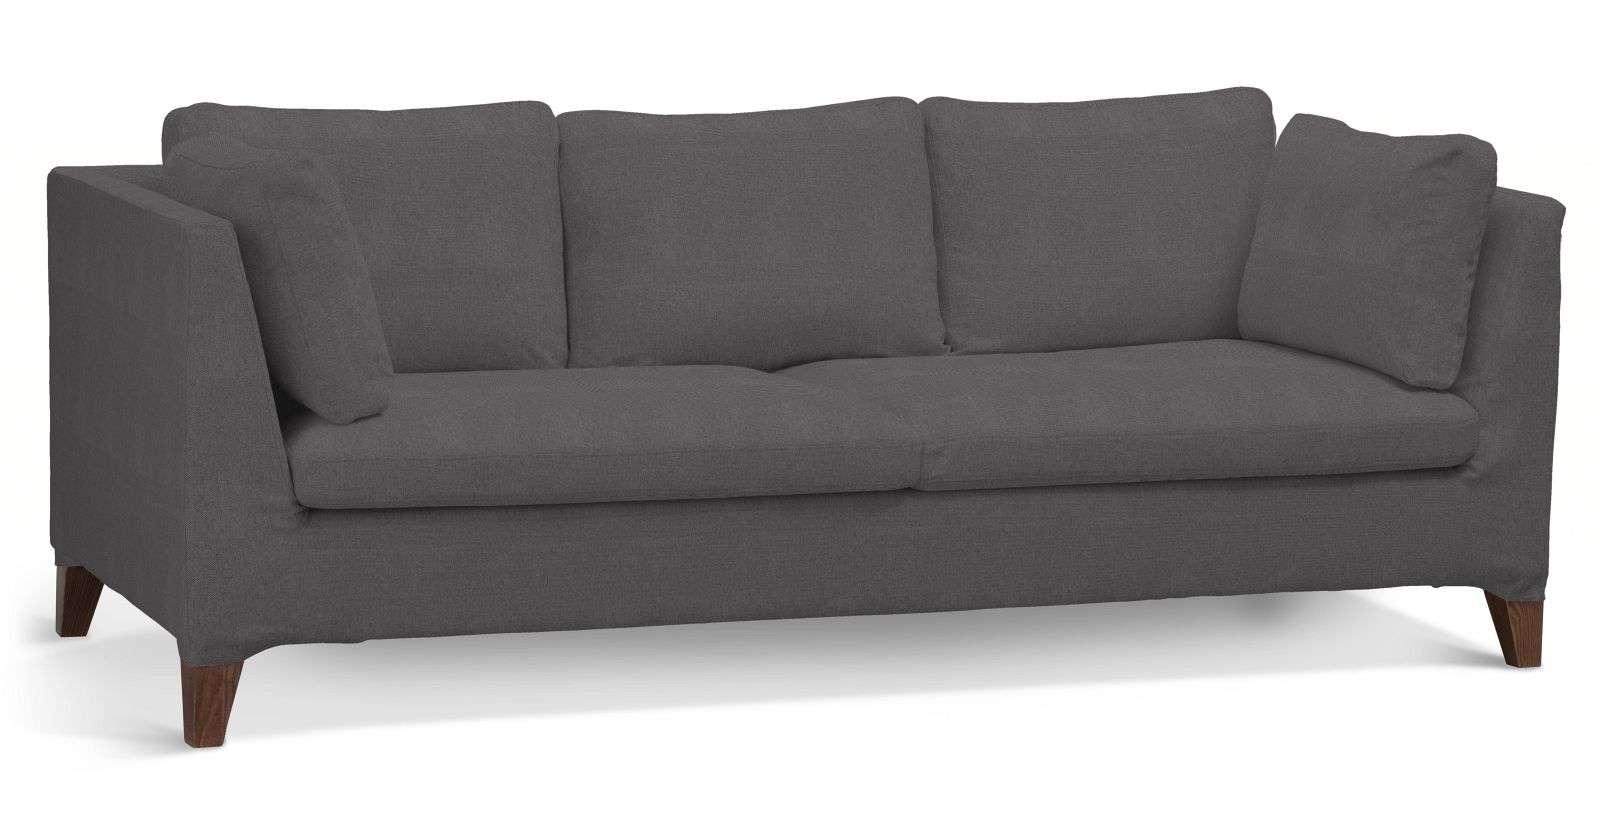 Pokrowiec na sofę Stockholm 3-osobową sofa Stockholm 3-osobowa w kolekcji Etna , tkanina: 705-35